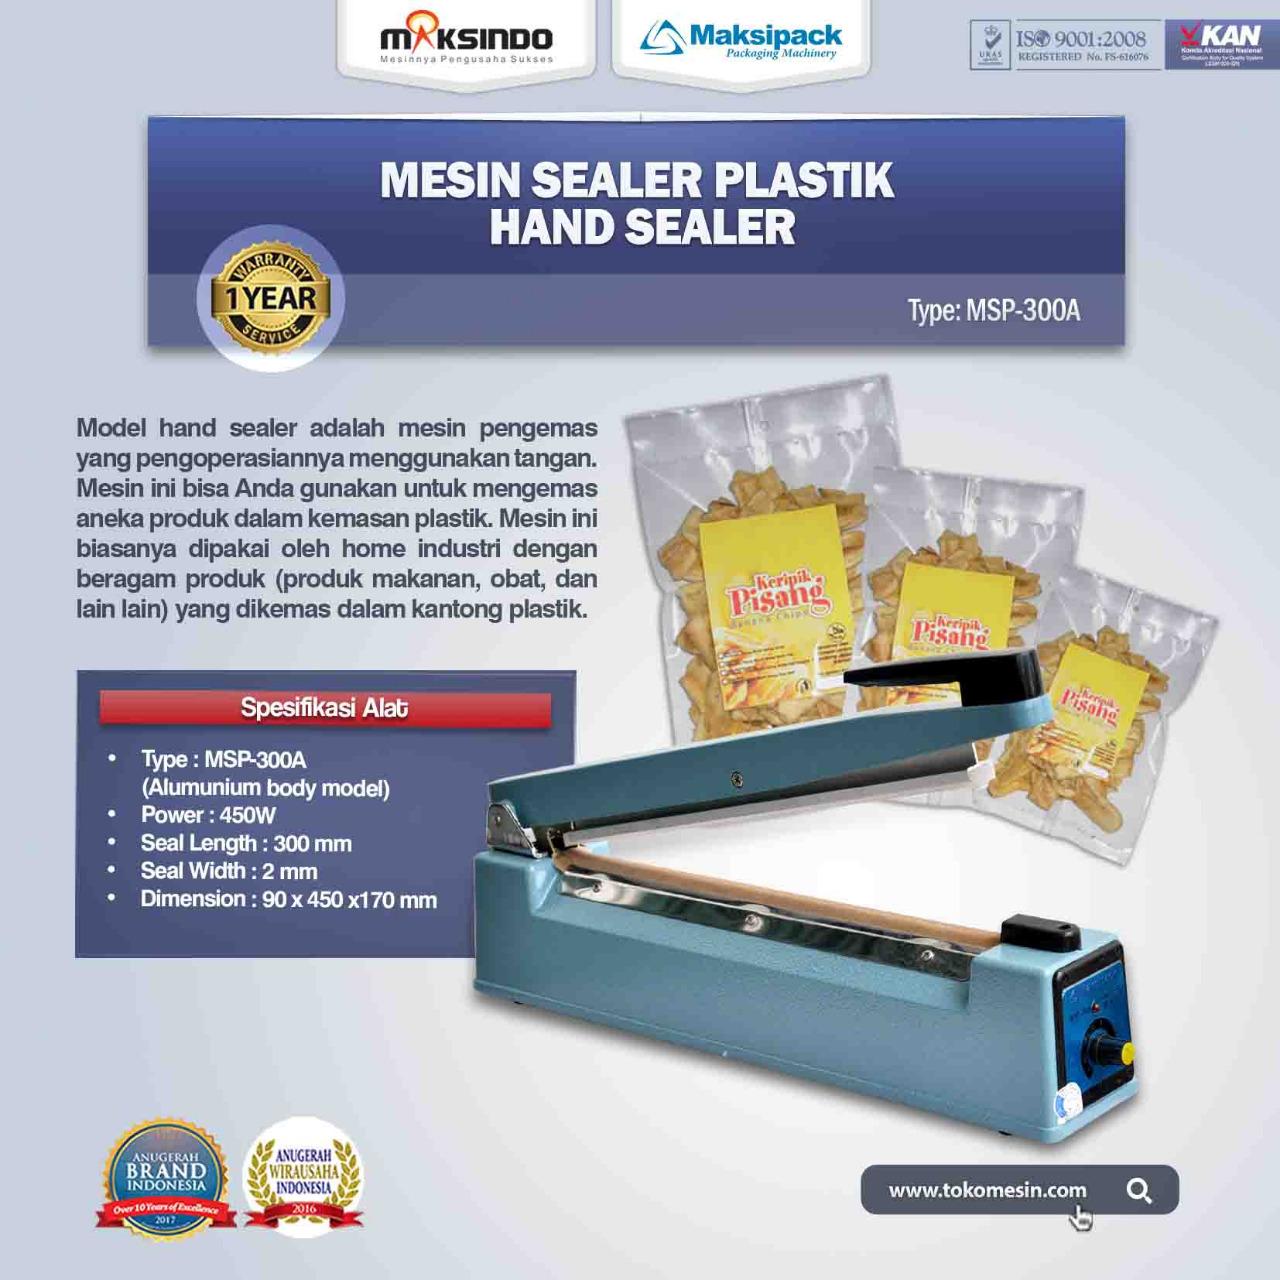 Jual Mesin Sealer Plastik Hand Sealer (MSP-300A) Di Bekasi